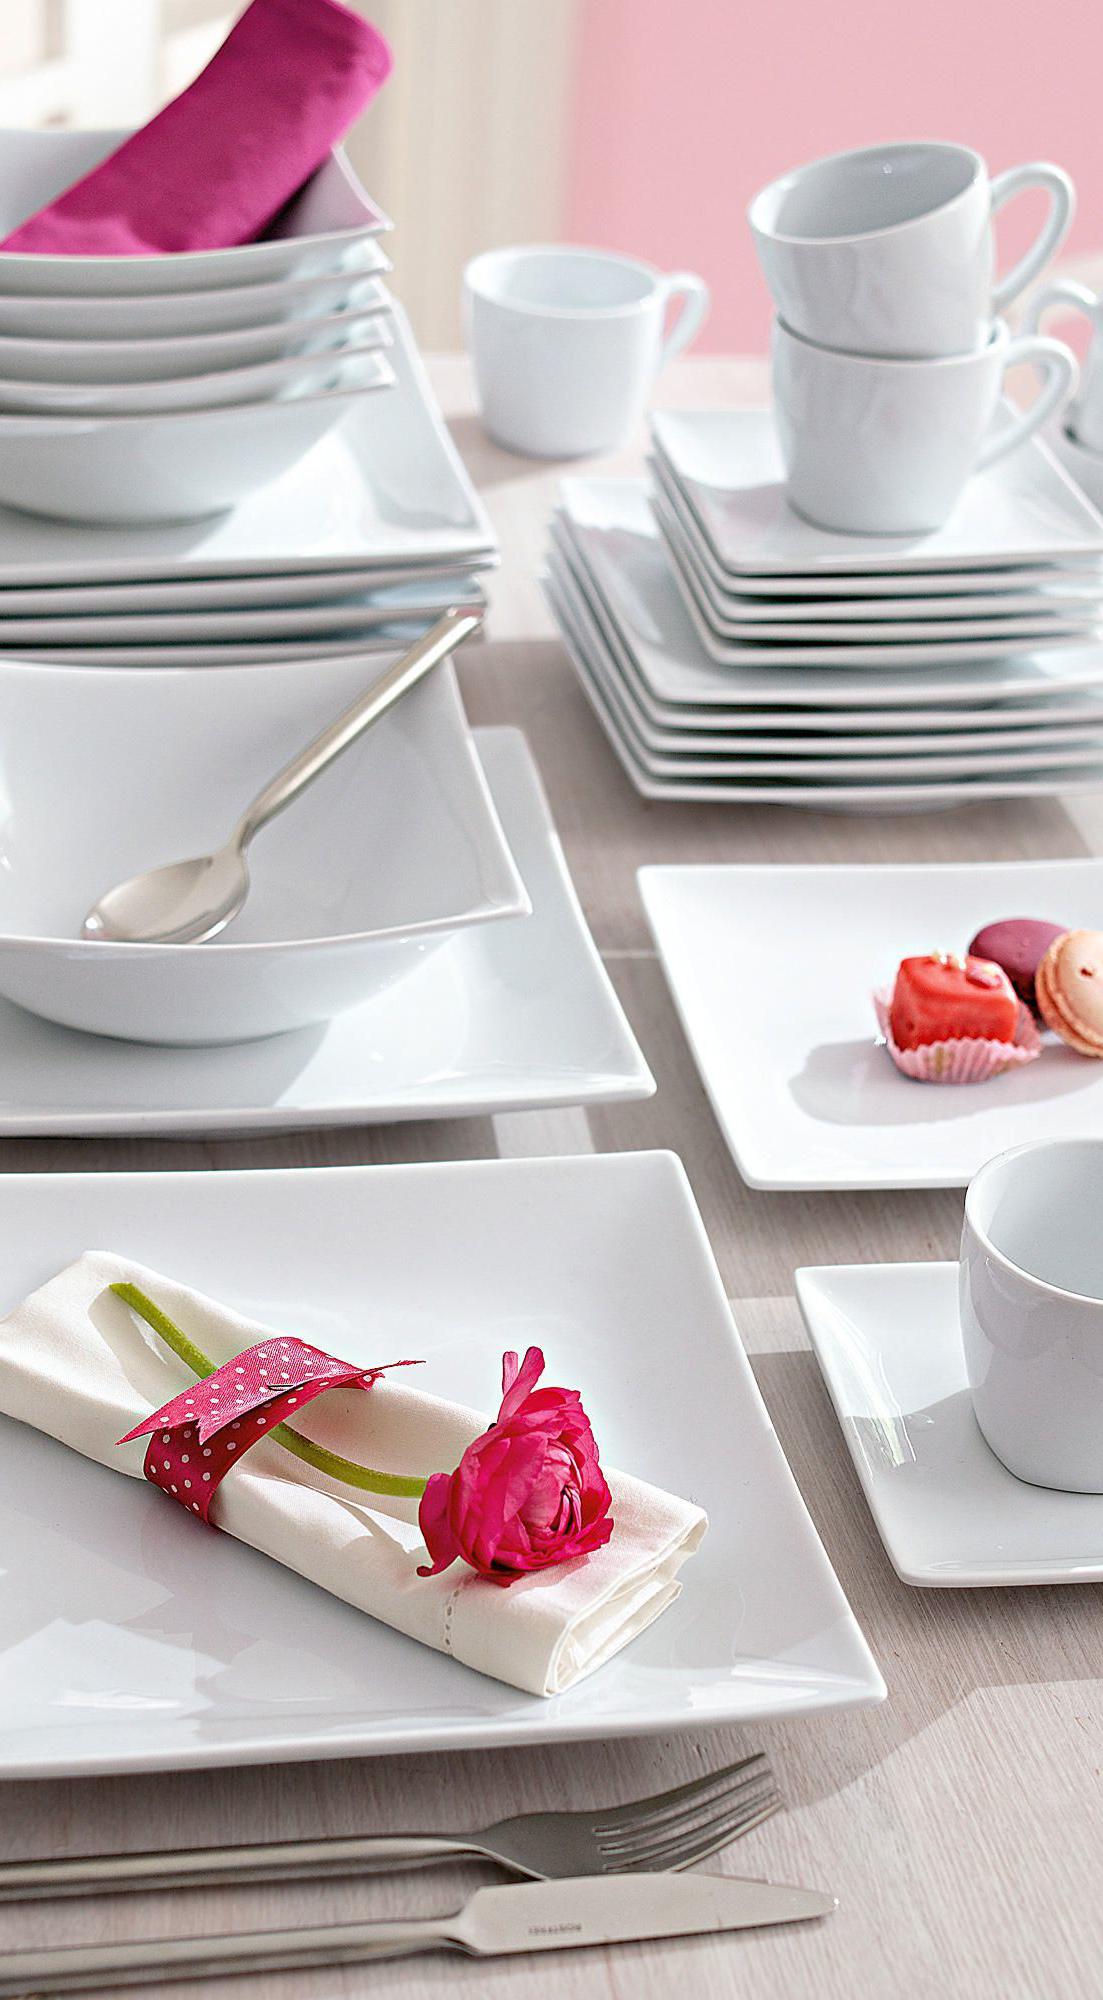 Tafelservice Mit Elegantem Und Modernem Design In Quadratischer Form Utensilhos De Cozinha Design De Cozinha Moderna Decoracao De Casa